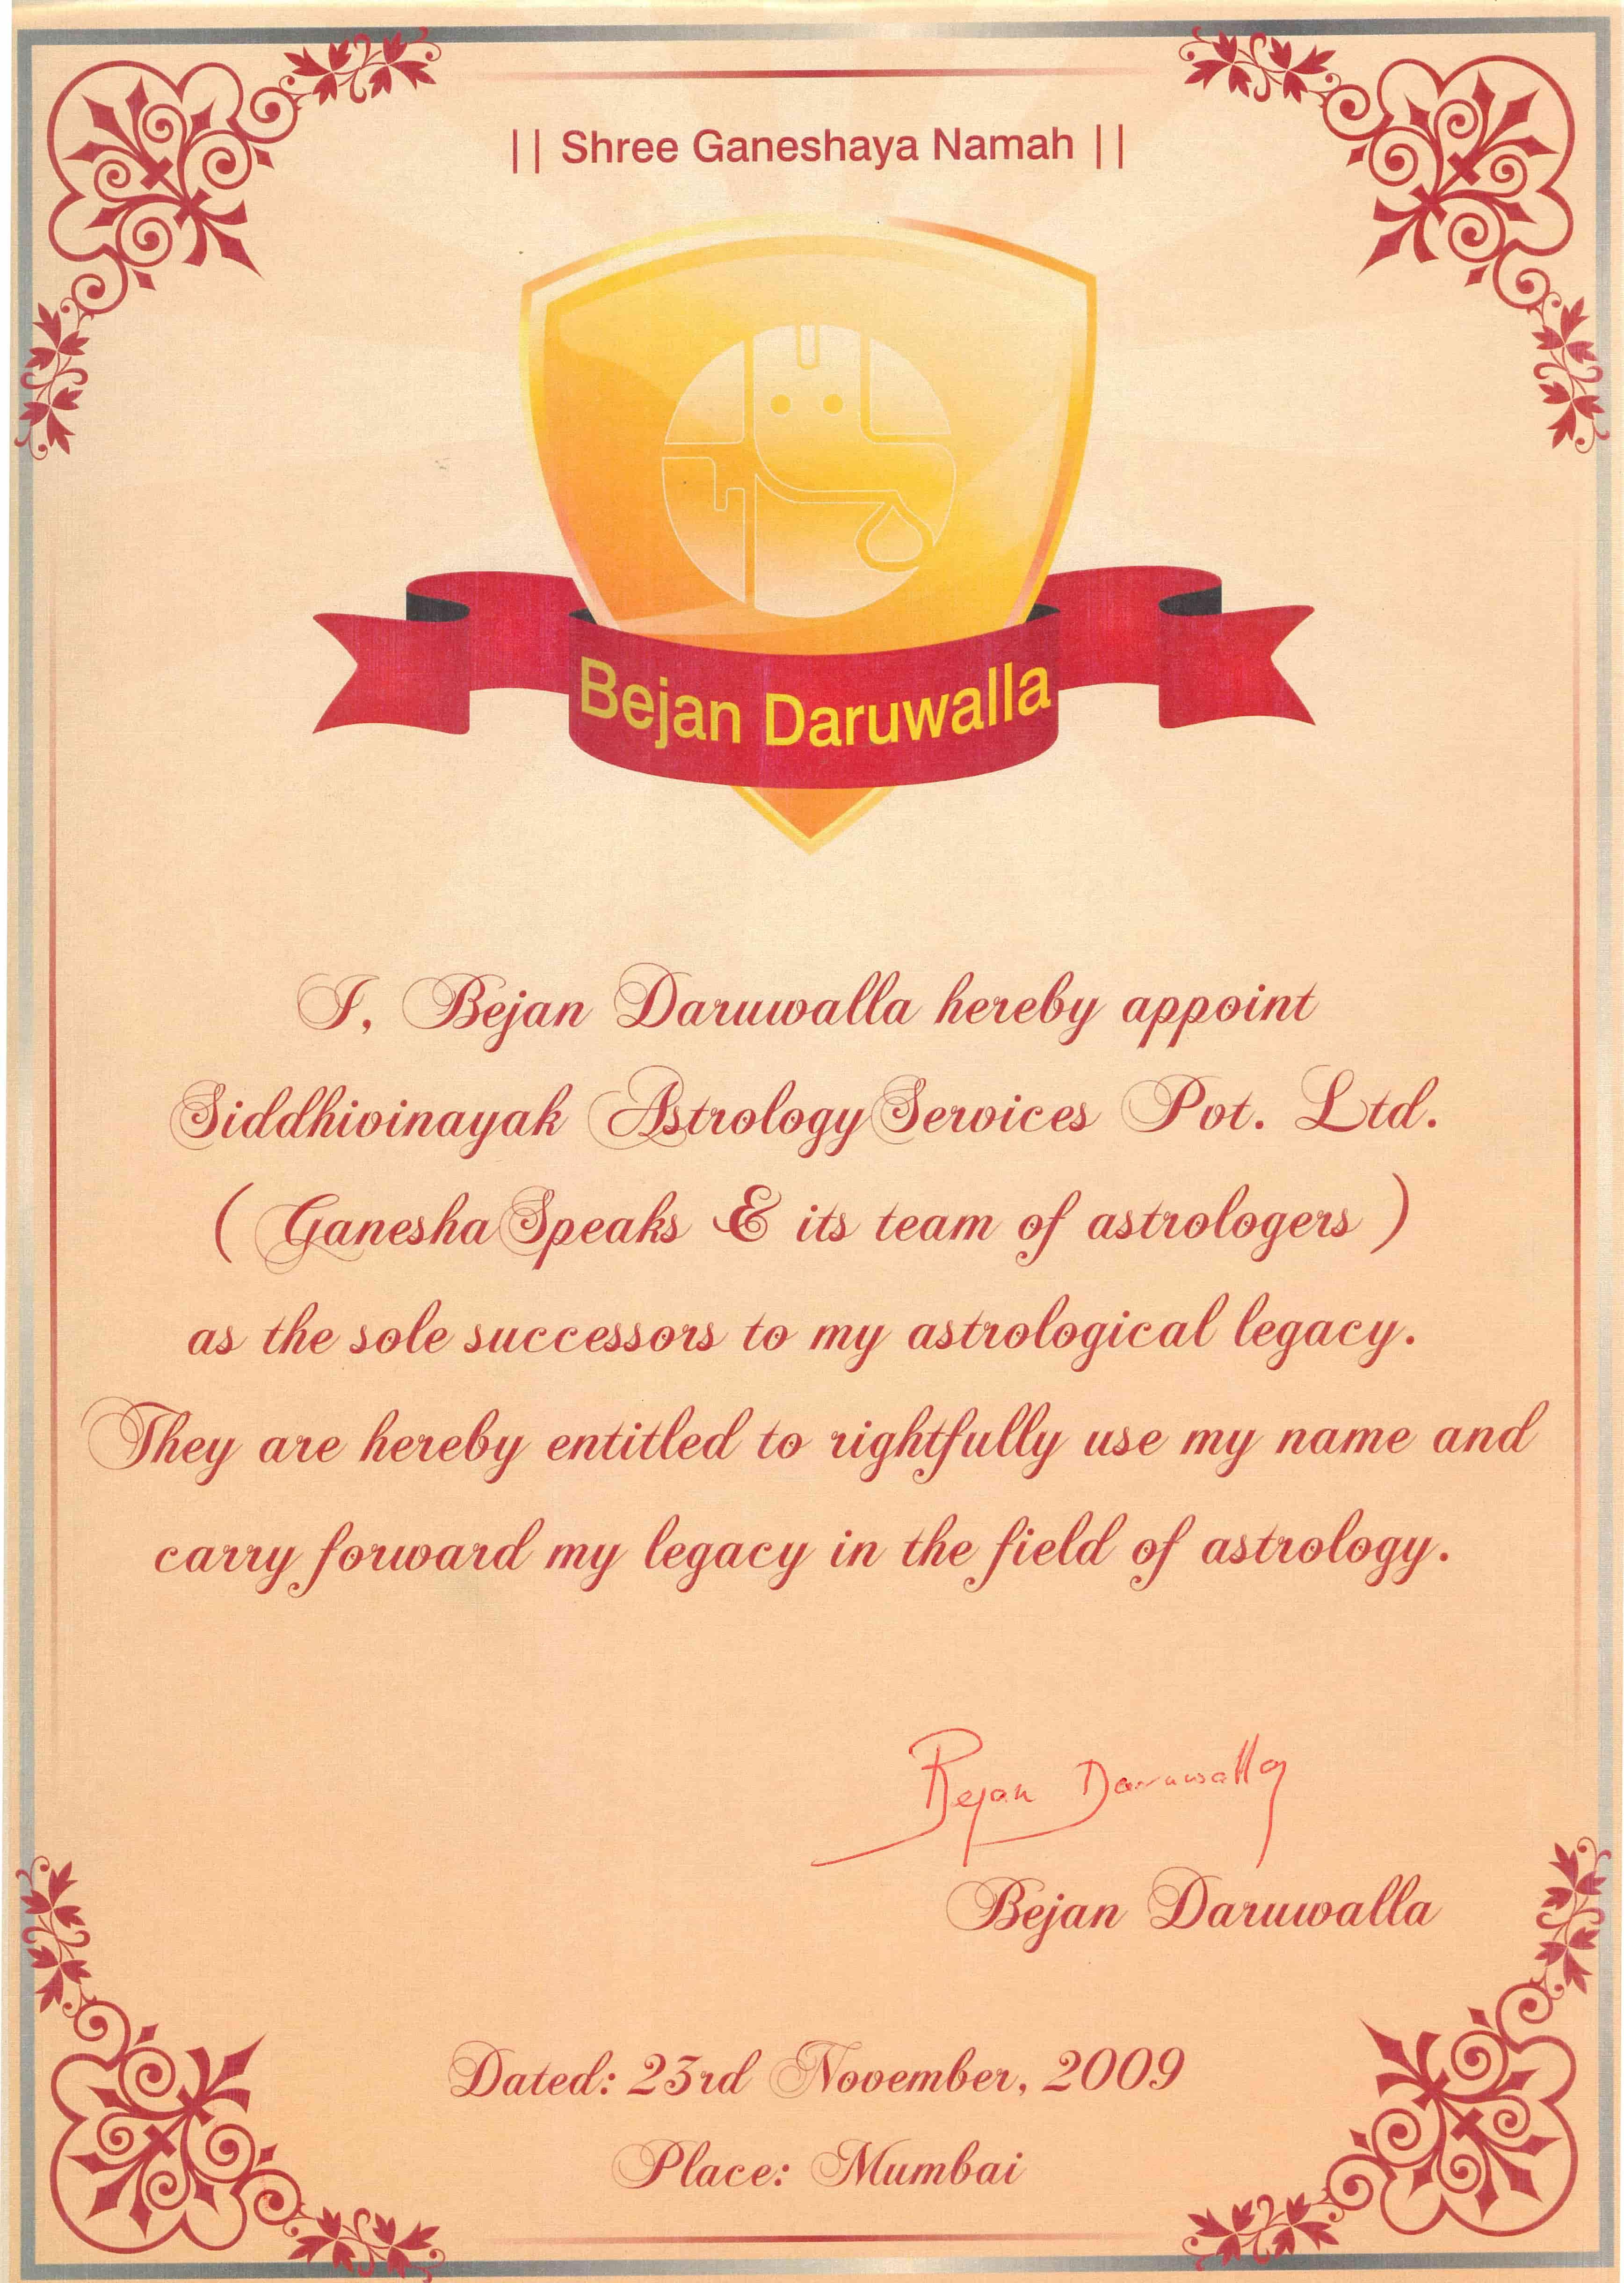 Bejan Daruwalla Certificate